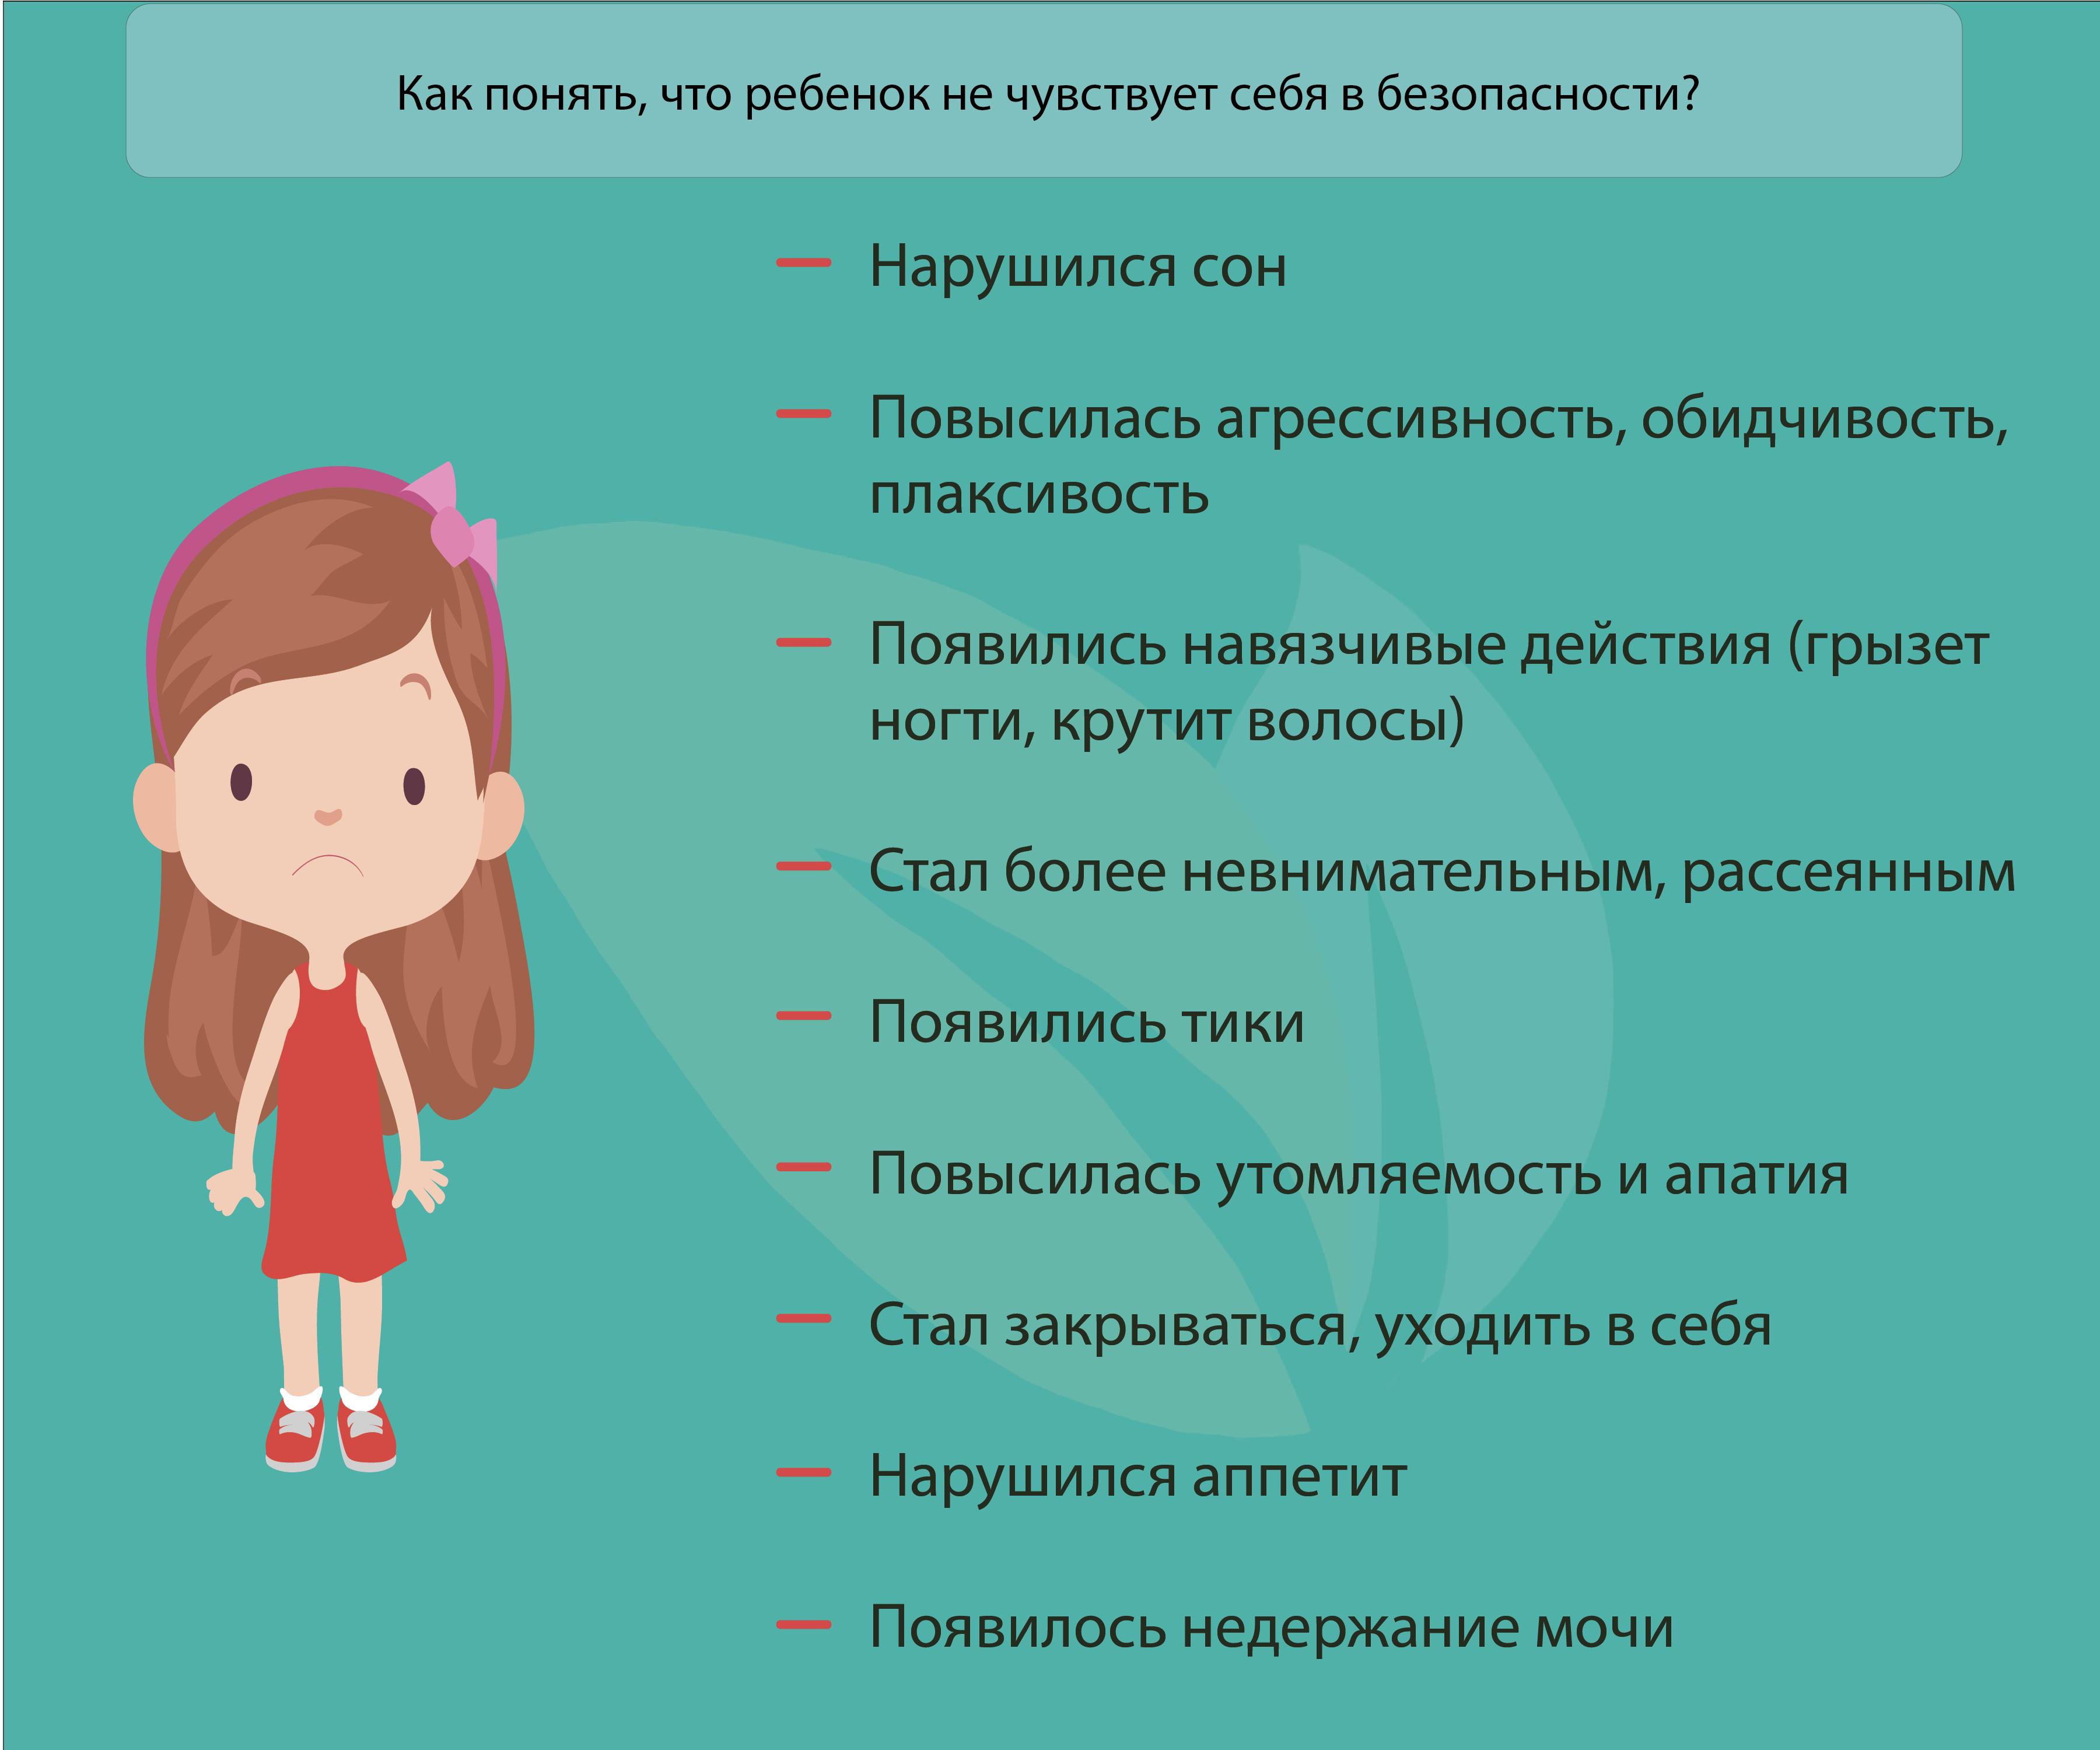 2 Как понять что ребенок не чувствует себя в безопасности